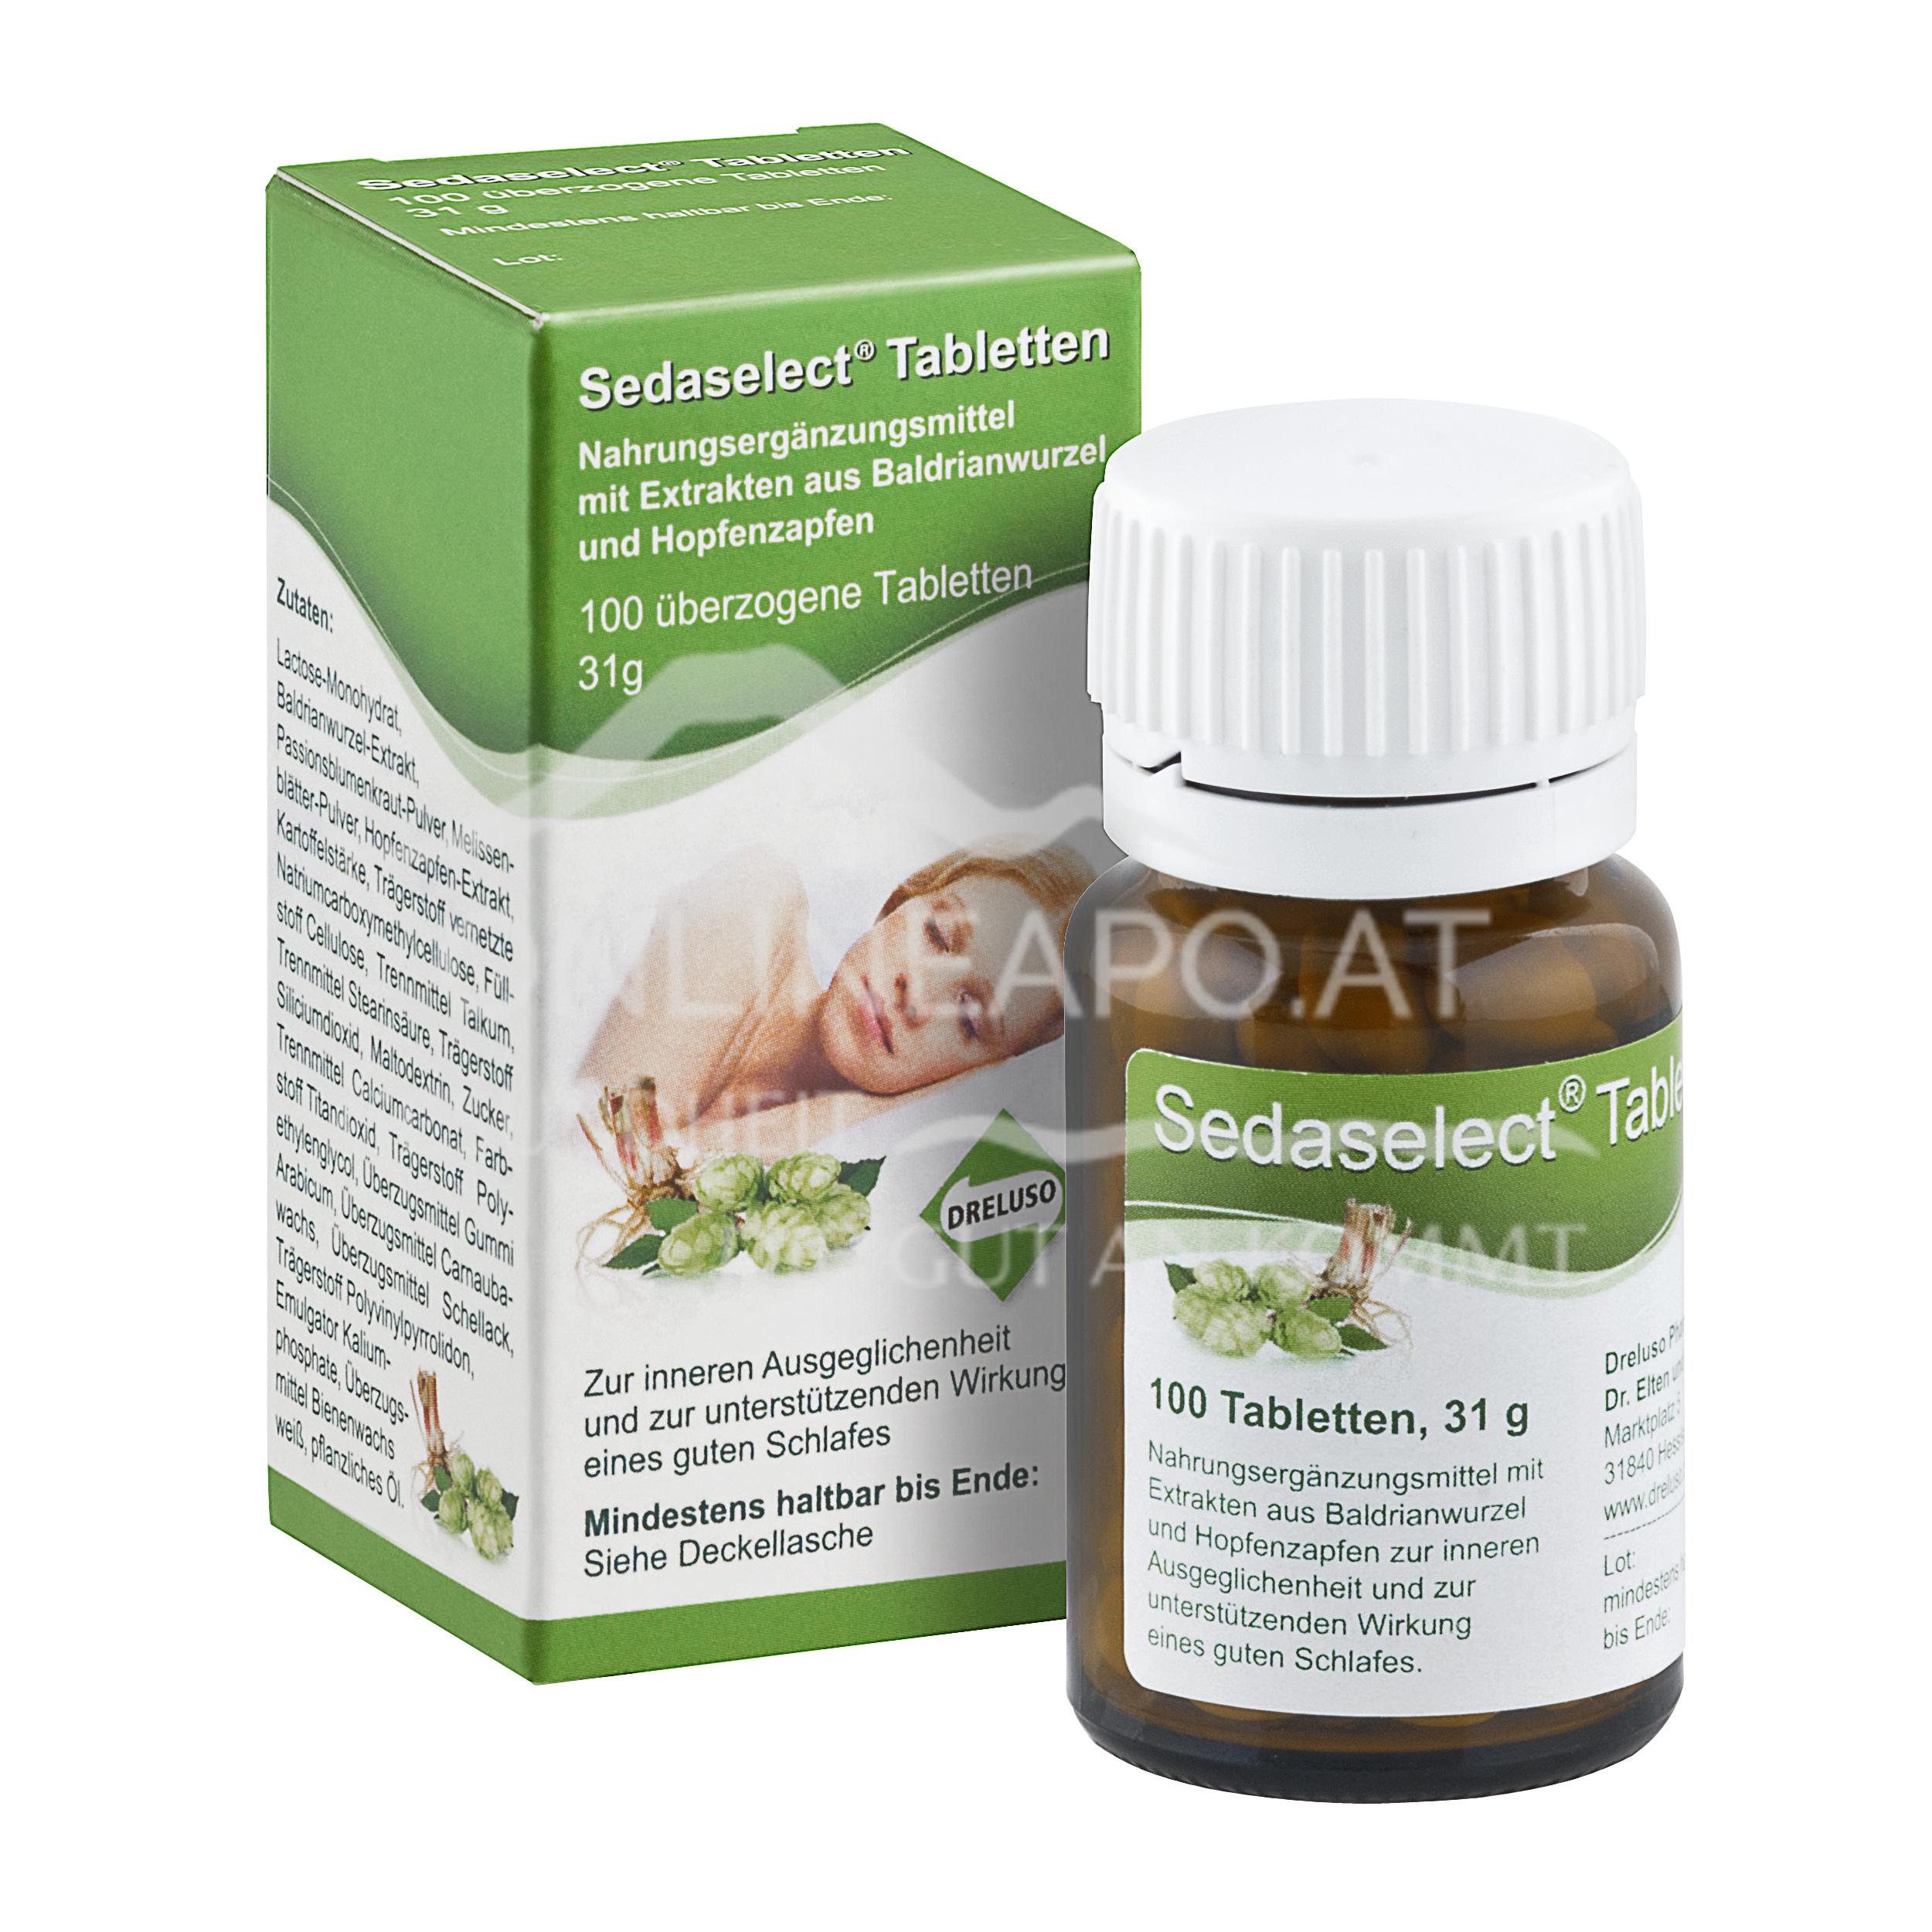 Sedaselect® Tabletten